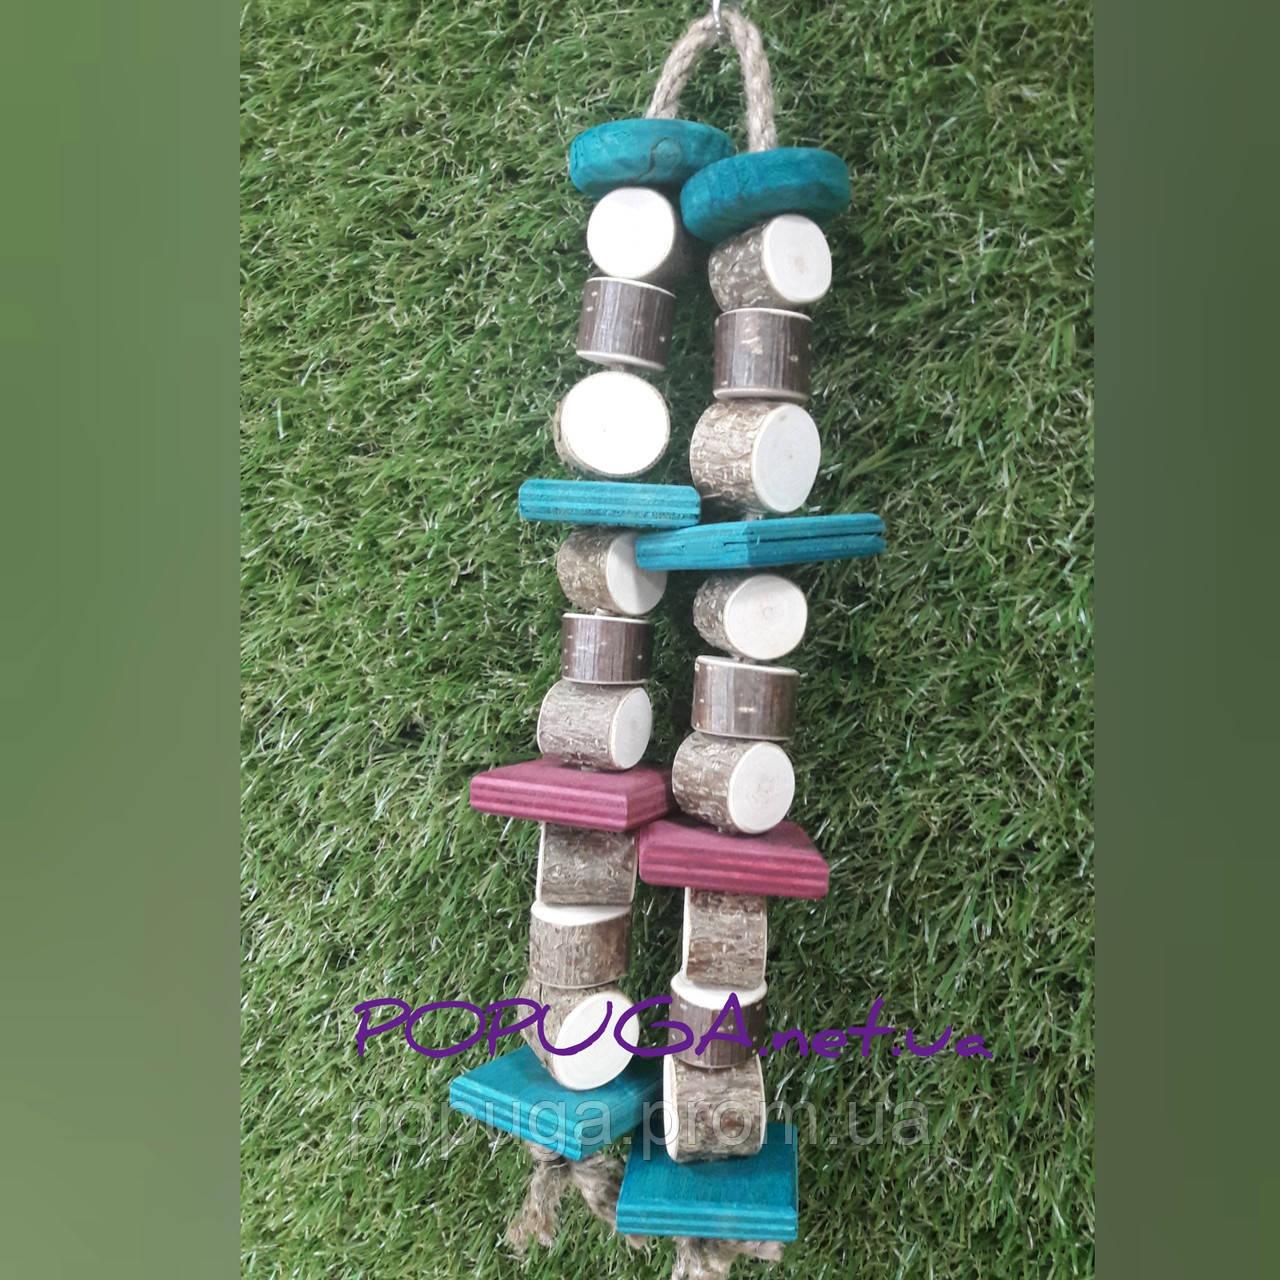 Деревянная игрушка для попугаев, 32 см